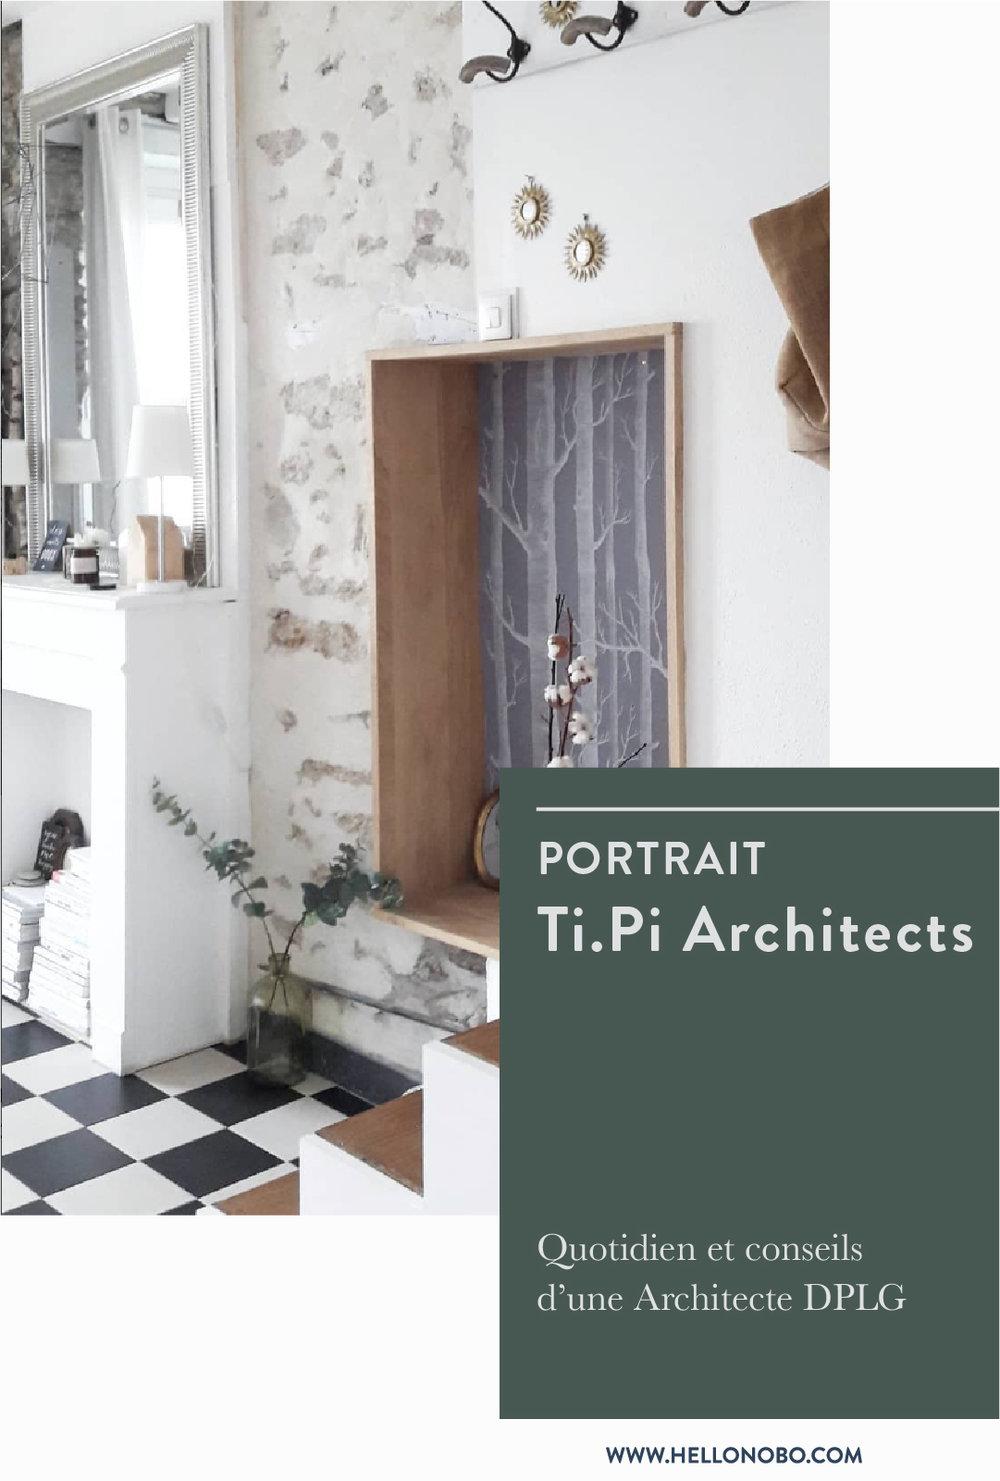 Portrait TiPi Architects.jpg